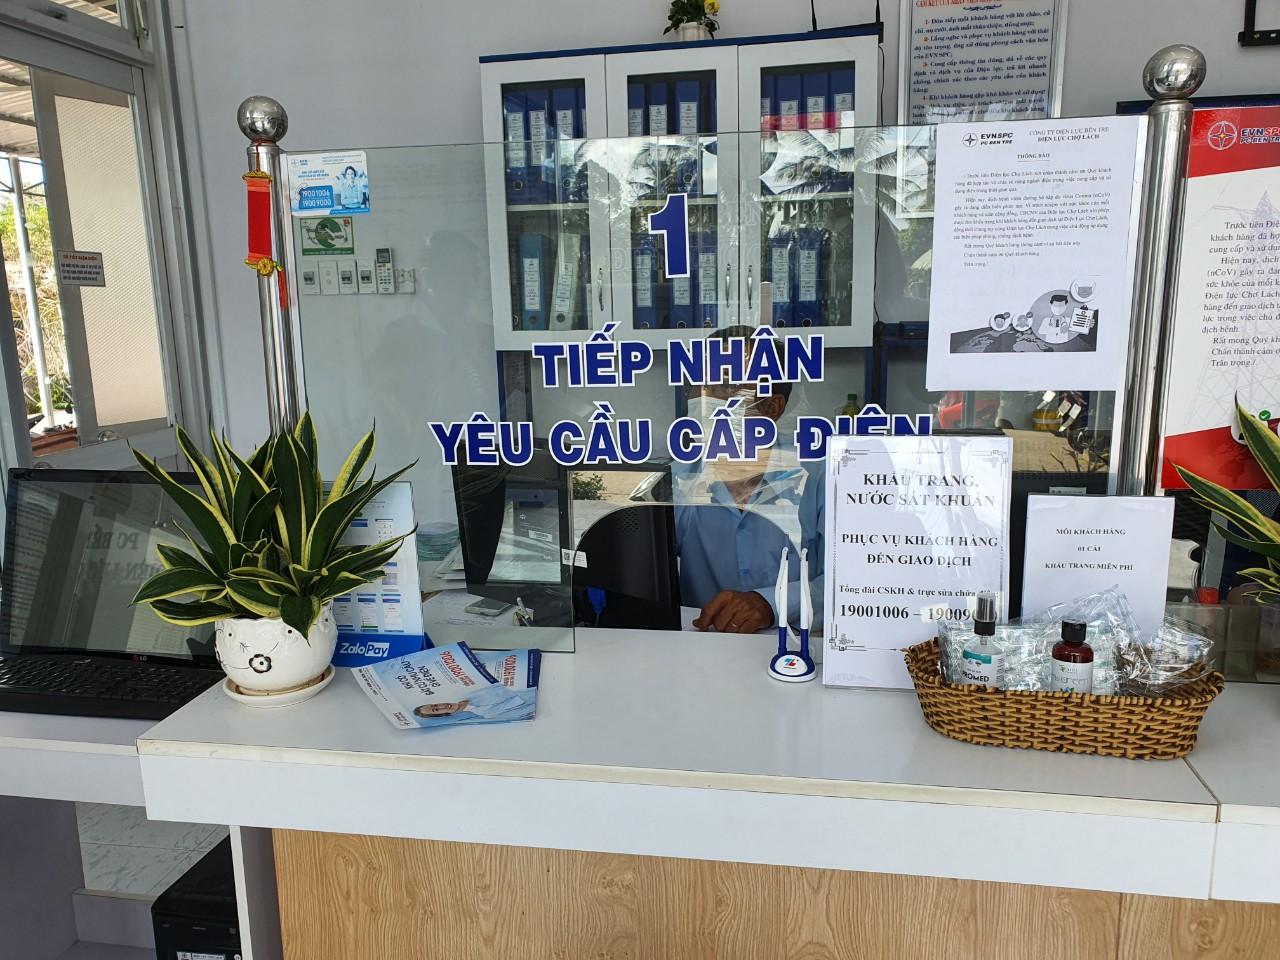 Trang bị khẩu trang, nước rửa tay khô miễn phí tại cổng ra vào và tại Phòng giao dịch cho khách hàng khi đến làm việc.